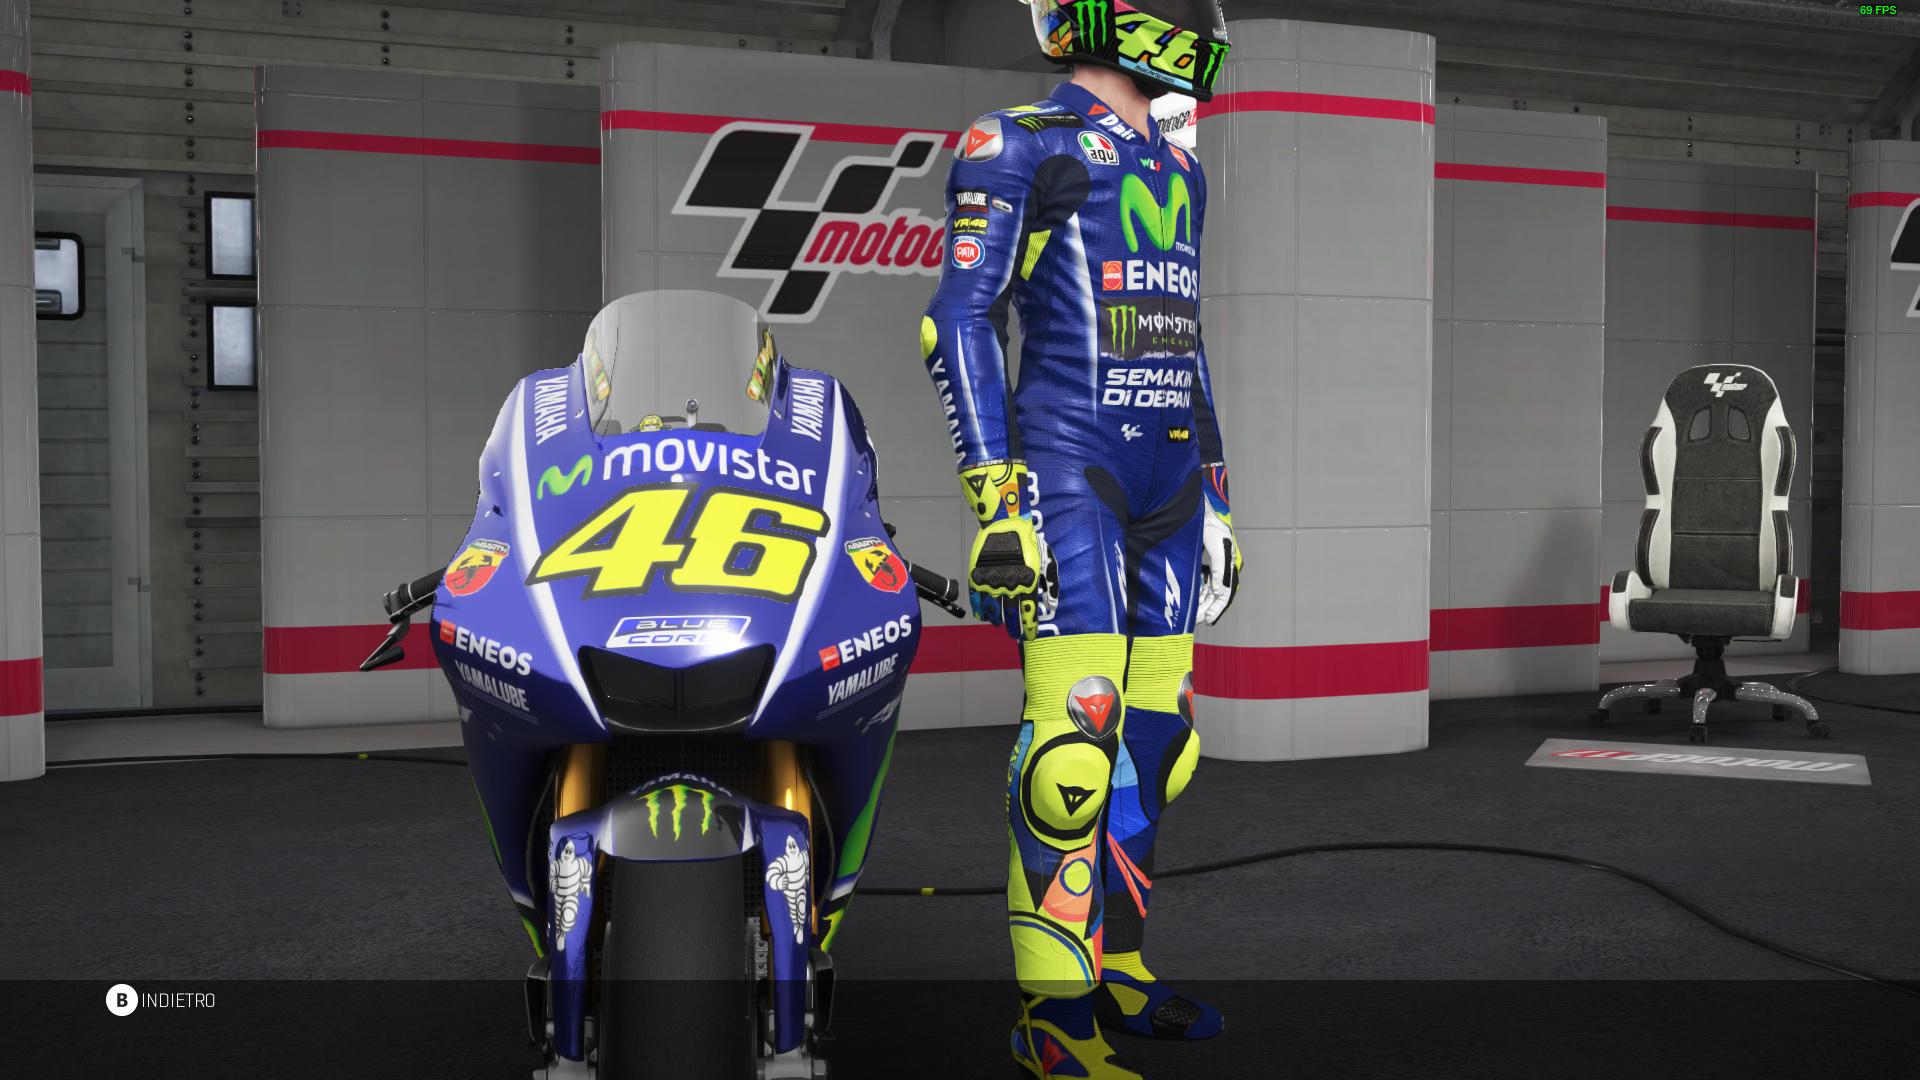 MotoGP™17 01_07_2017 16_08_36.jpg